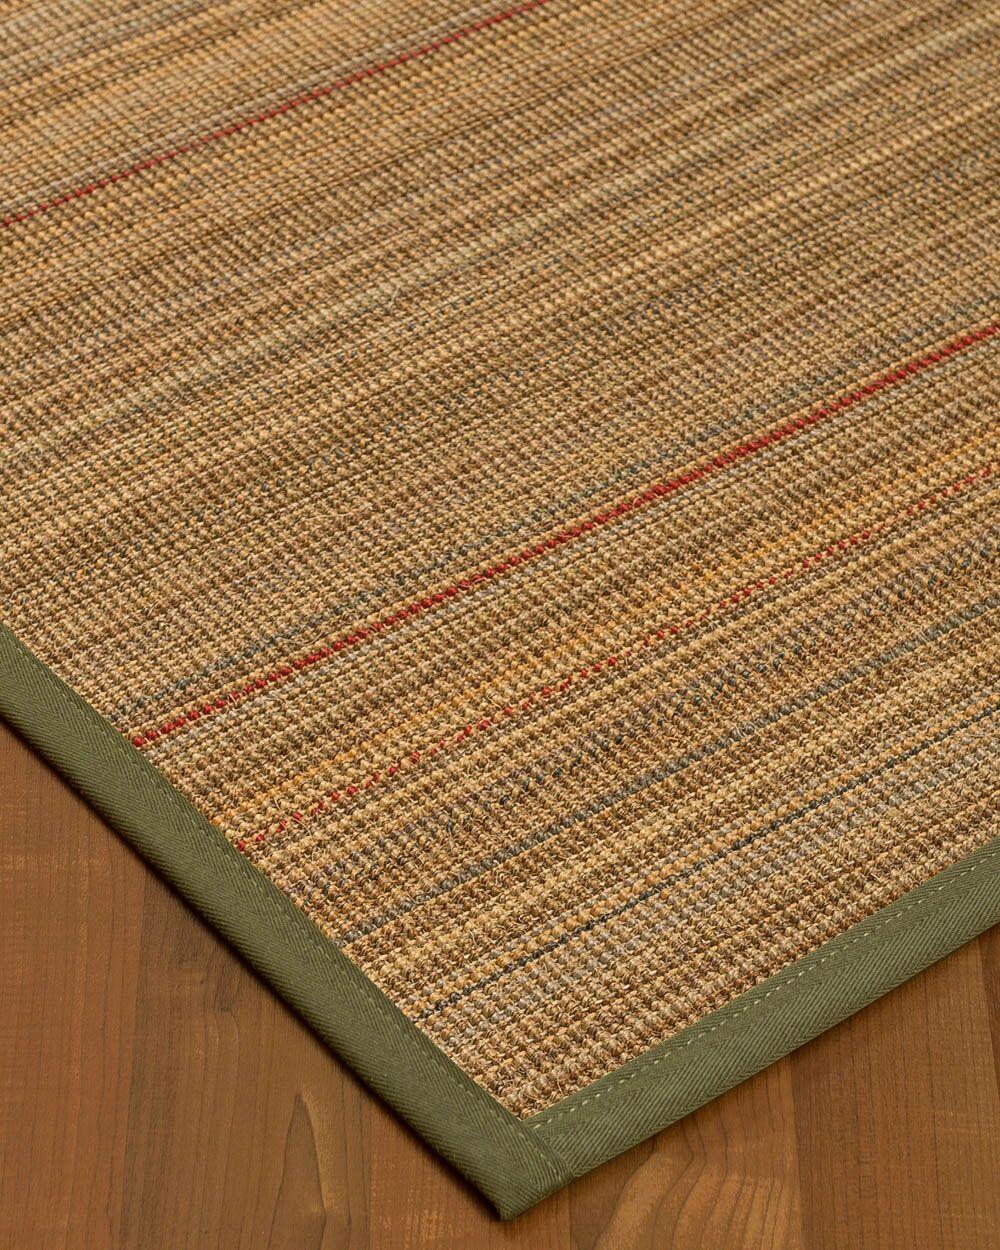 Kimble Hand-Woven Beige Area Rug Rug Size: Rectangle 8' x 10'